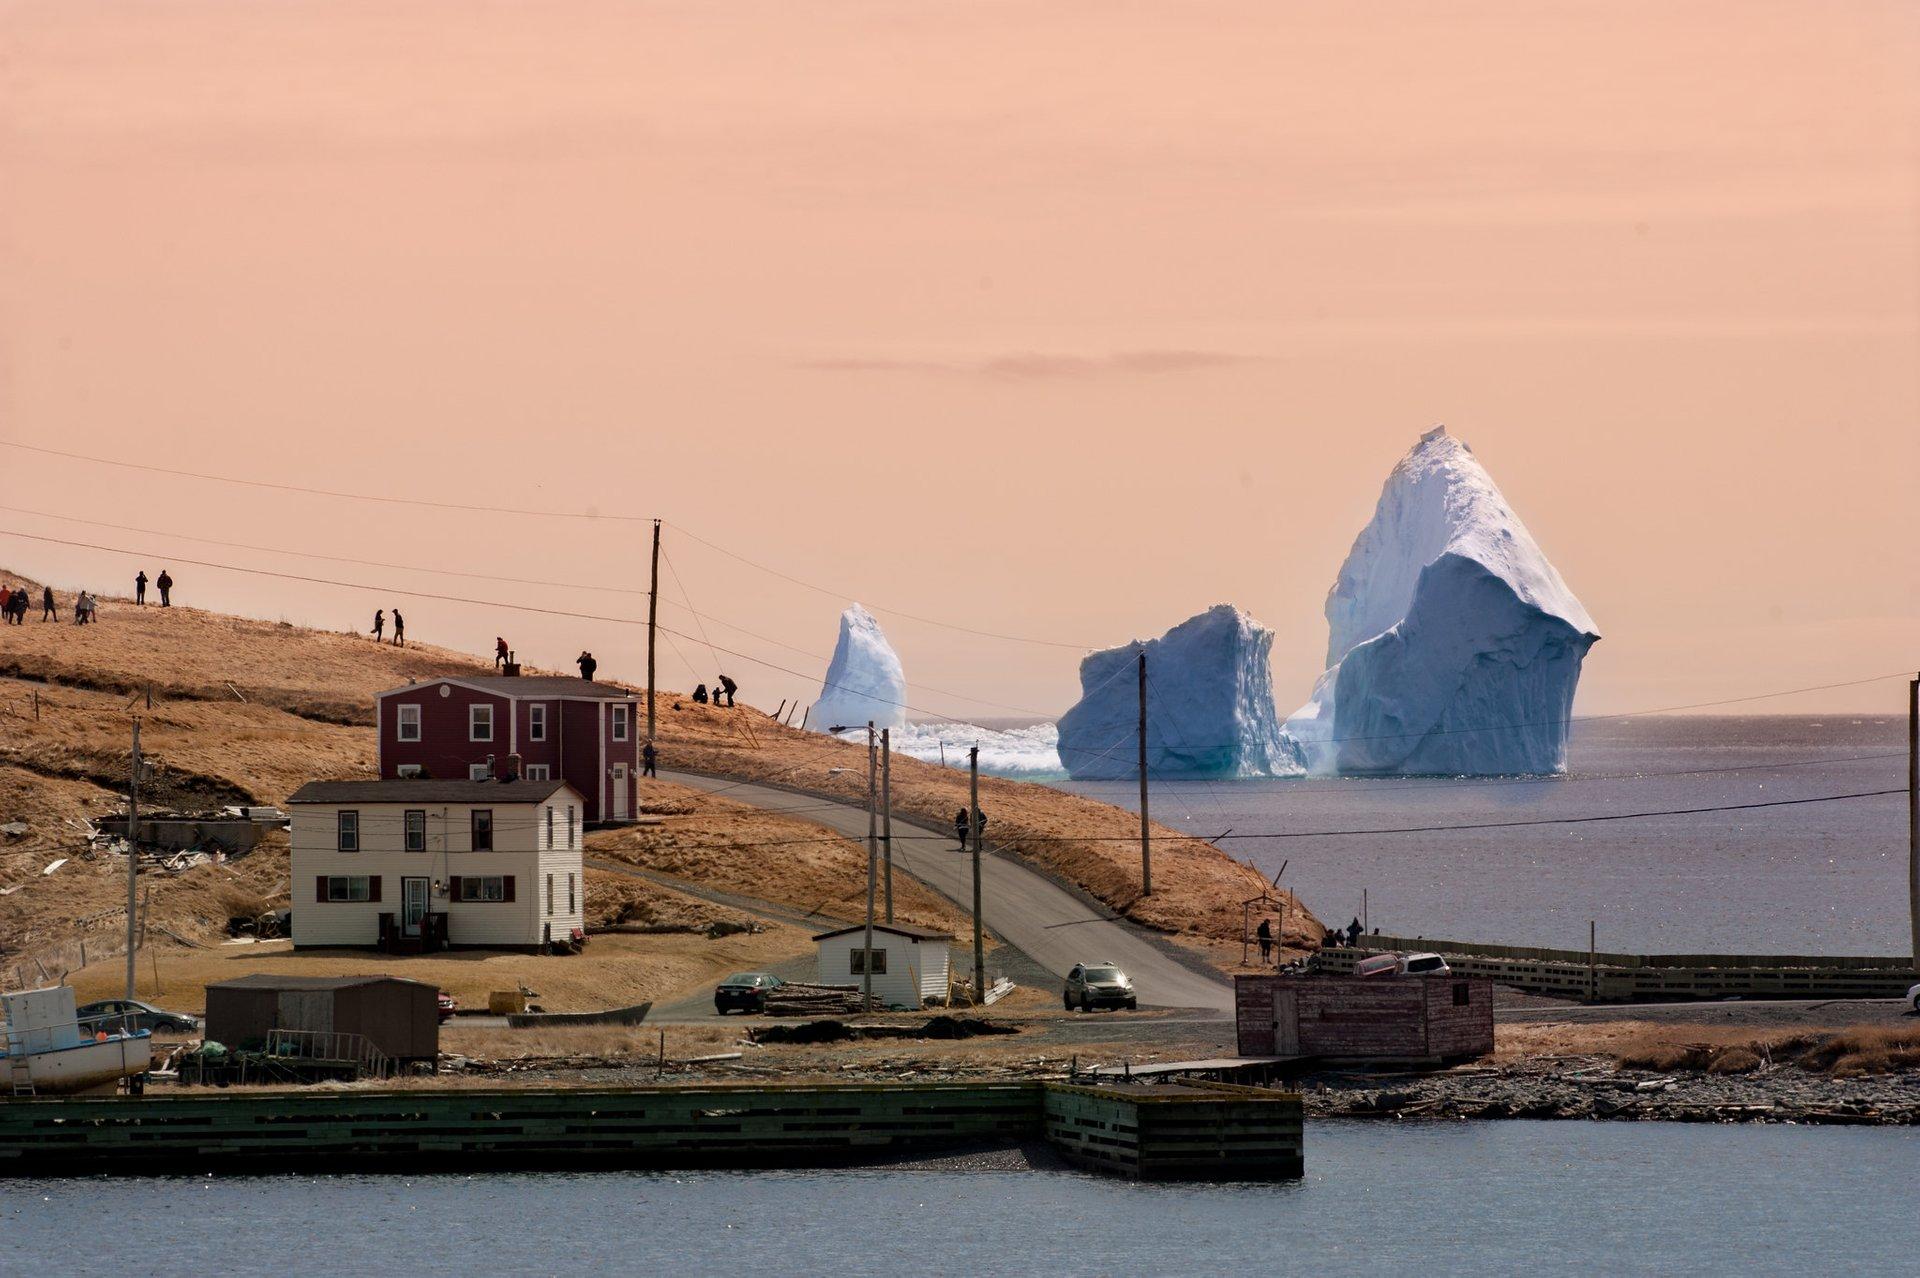 Large iceberg offshore near Ferryland, Newfoundland 2020